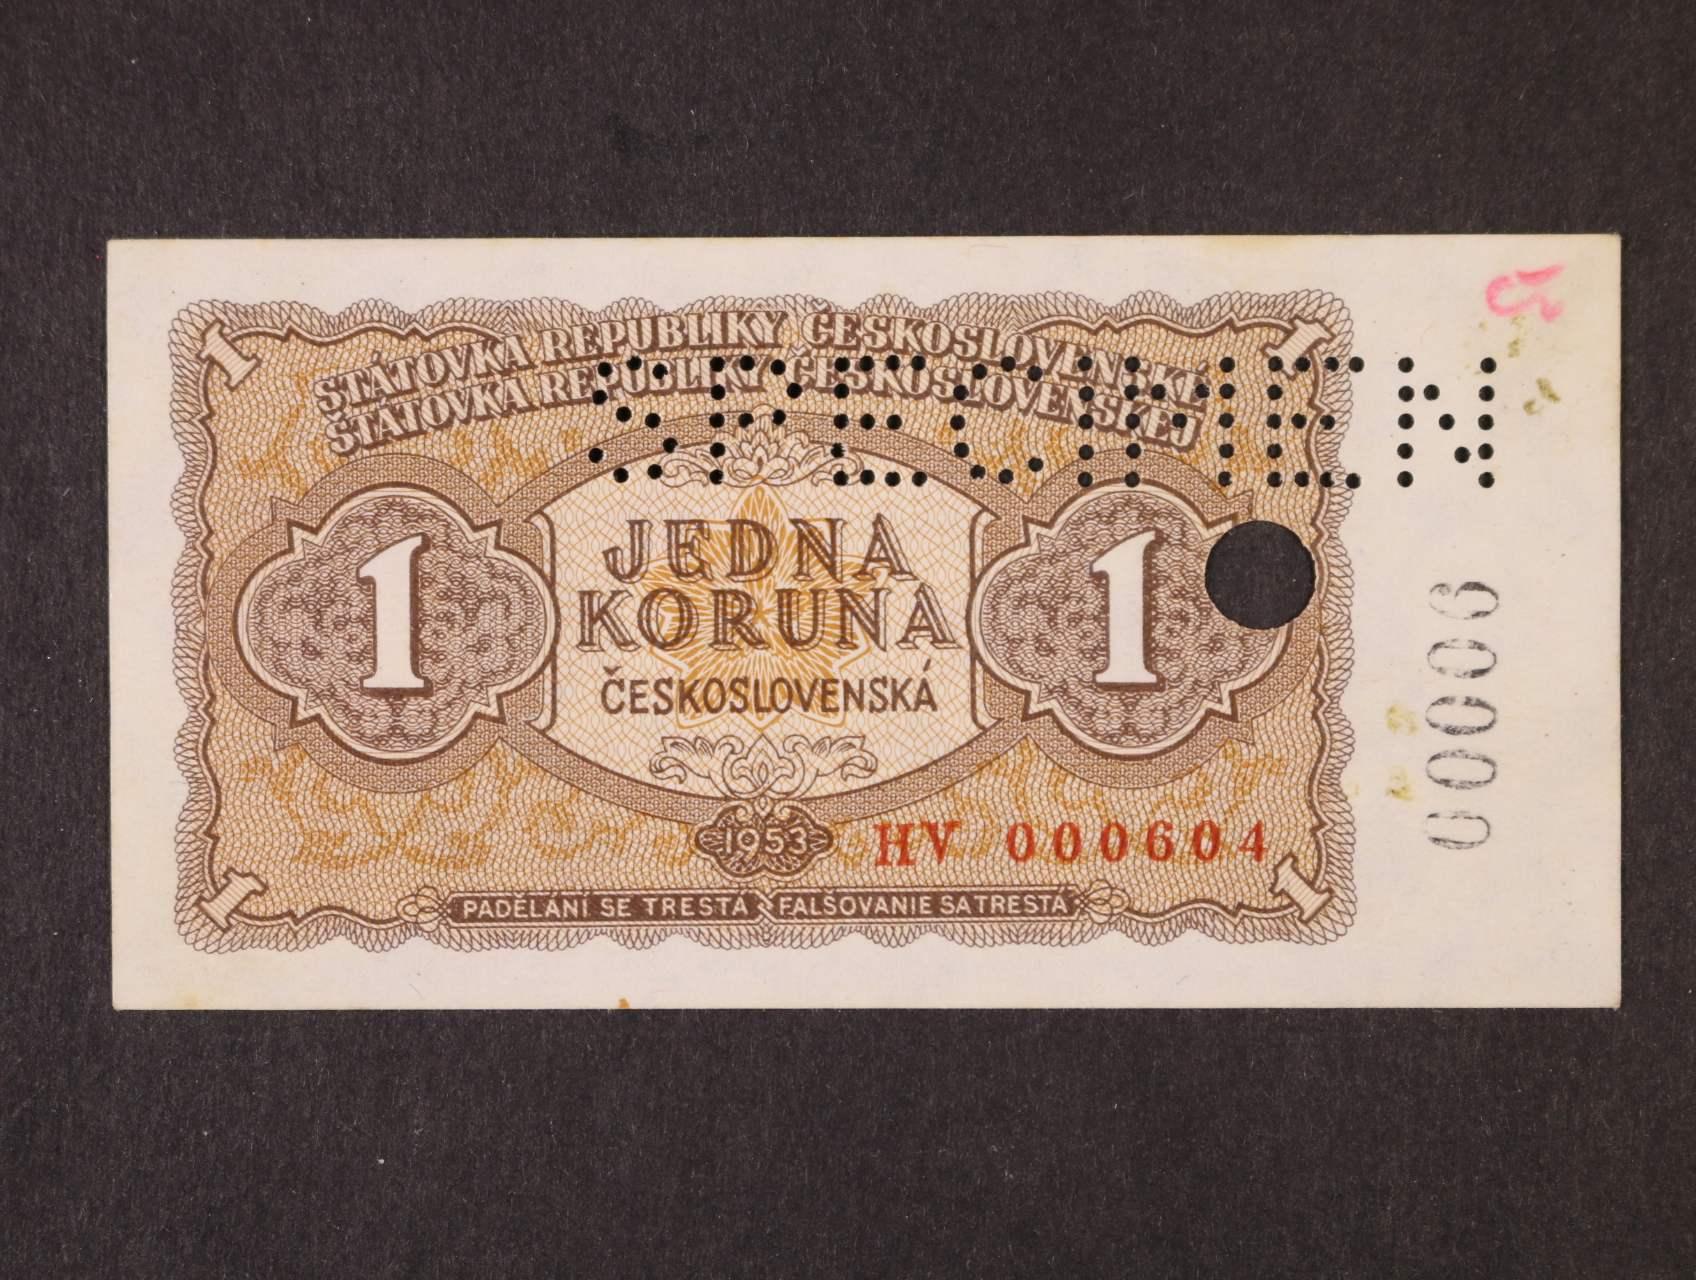 1 Kčs 1953 série HV bankovní vzor s perf. SPECIMEN + perf. otvor a s dotištěným číslem 00006, Ba. 86b, Pi. 78s, Kar. 84c